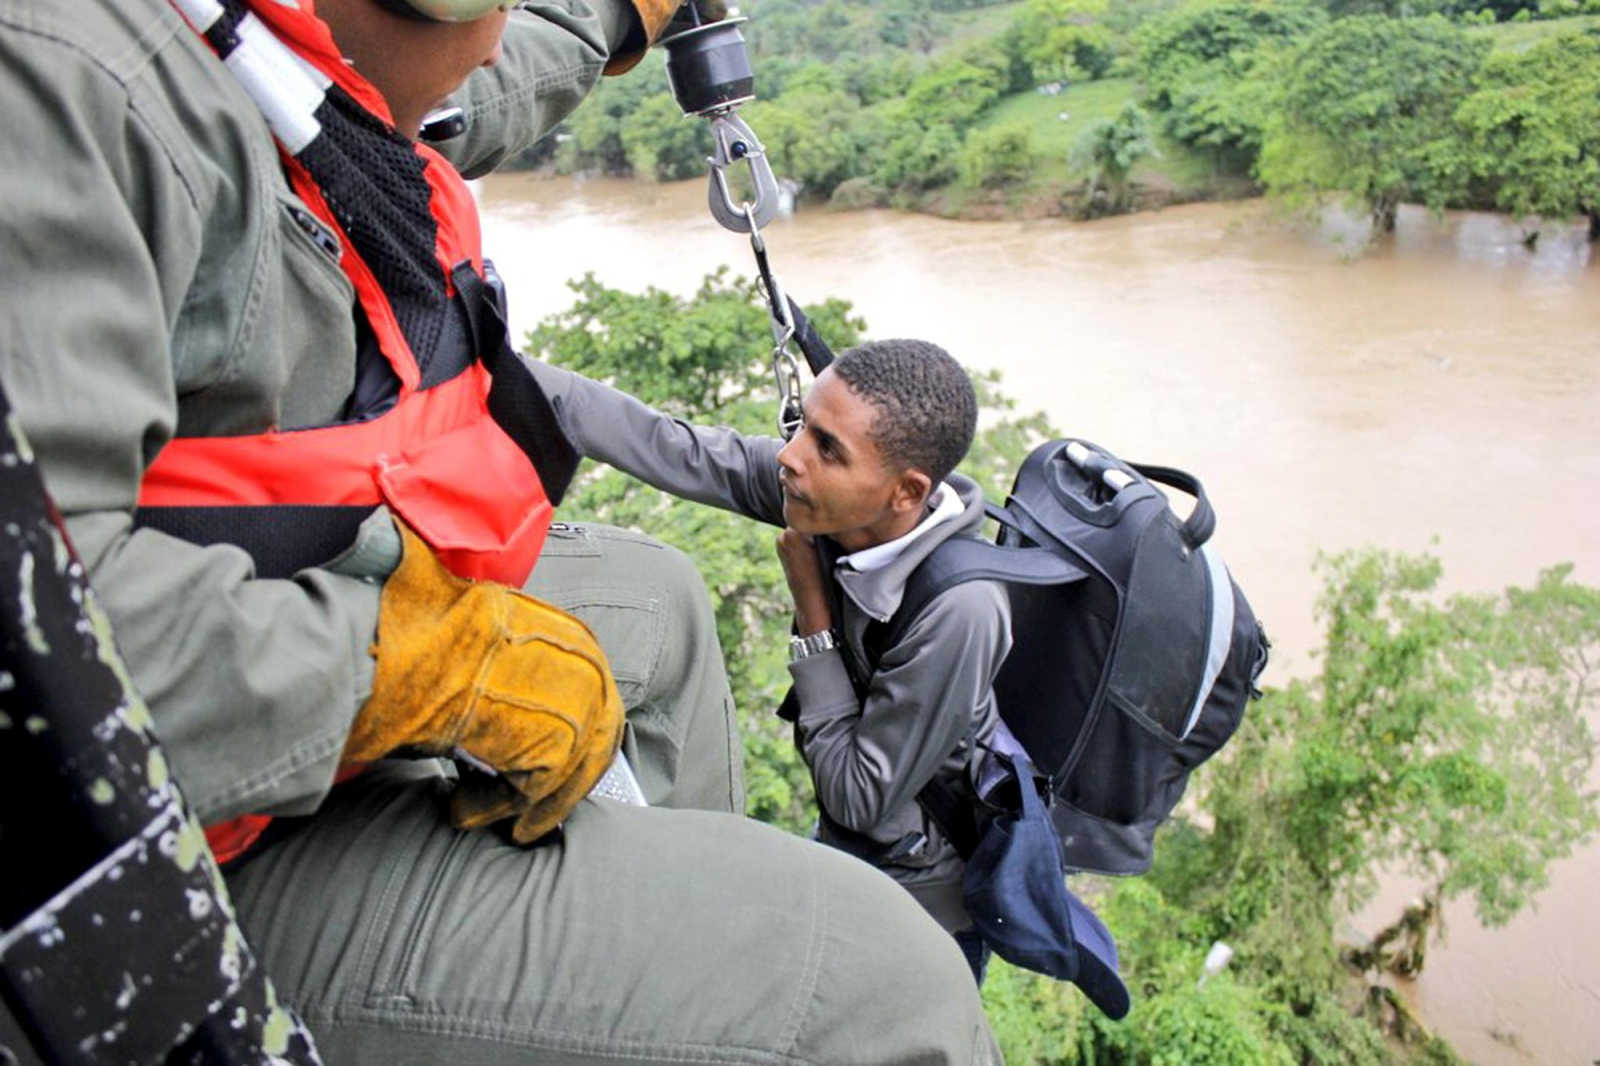 Ratownicy podczas ewakuacji na Dominikanie, gdzie przeszedł huragan